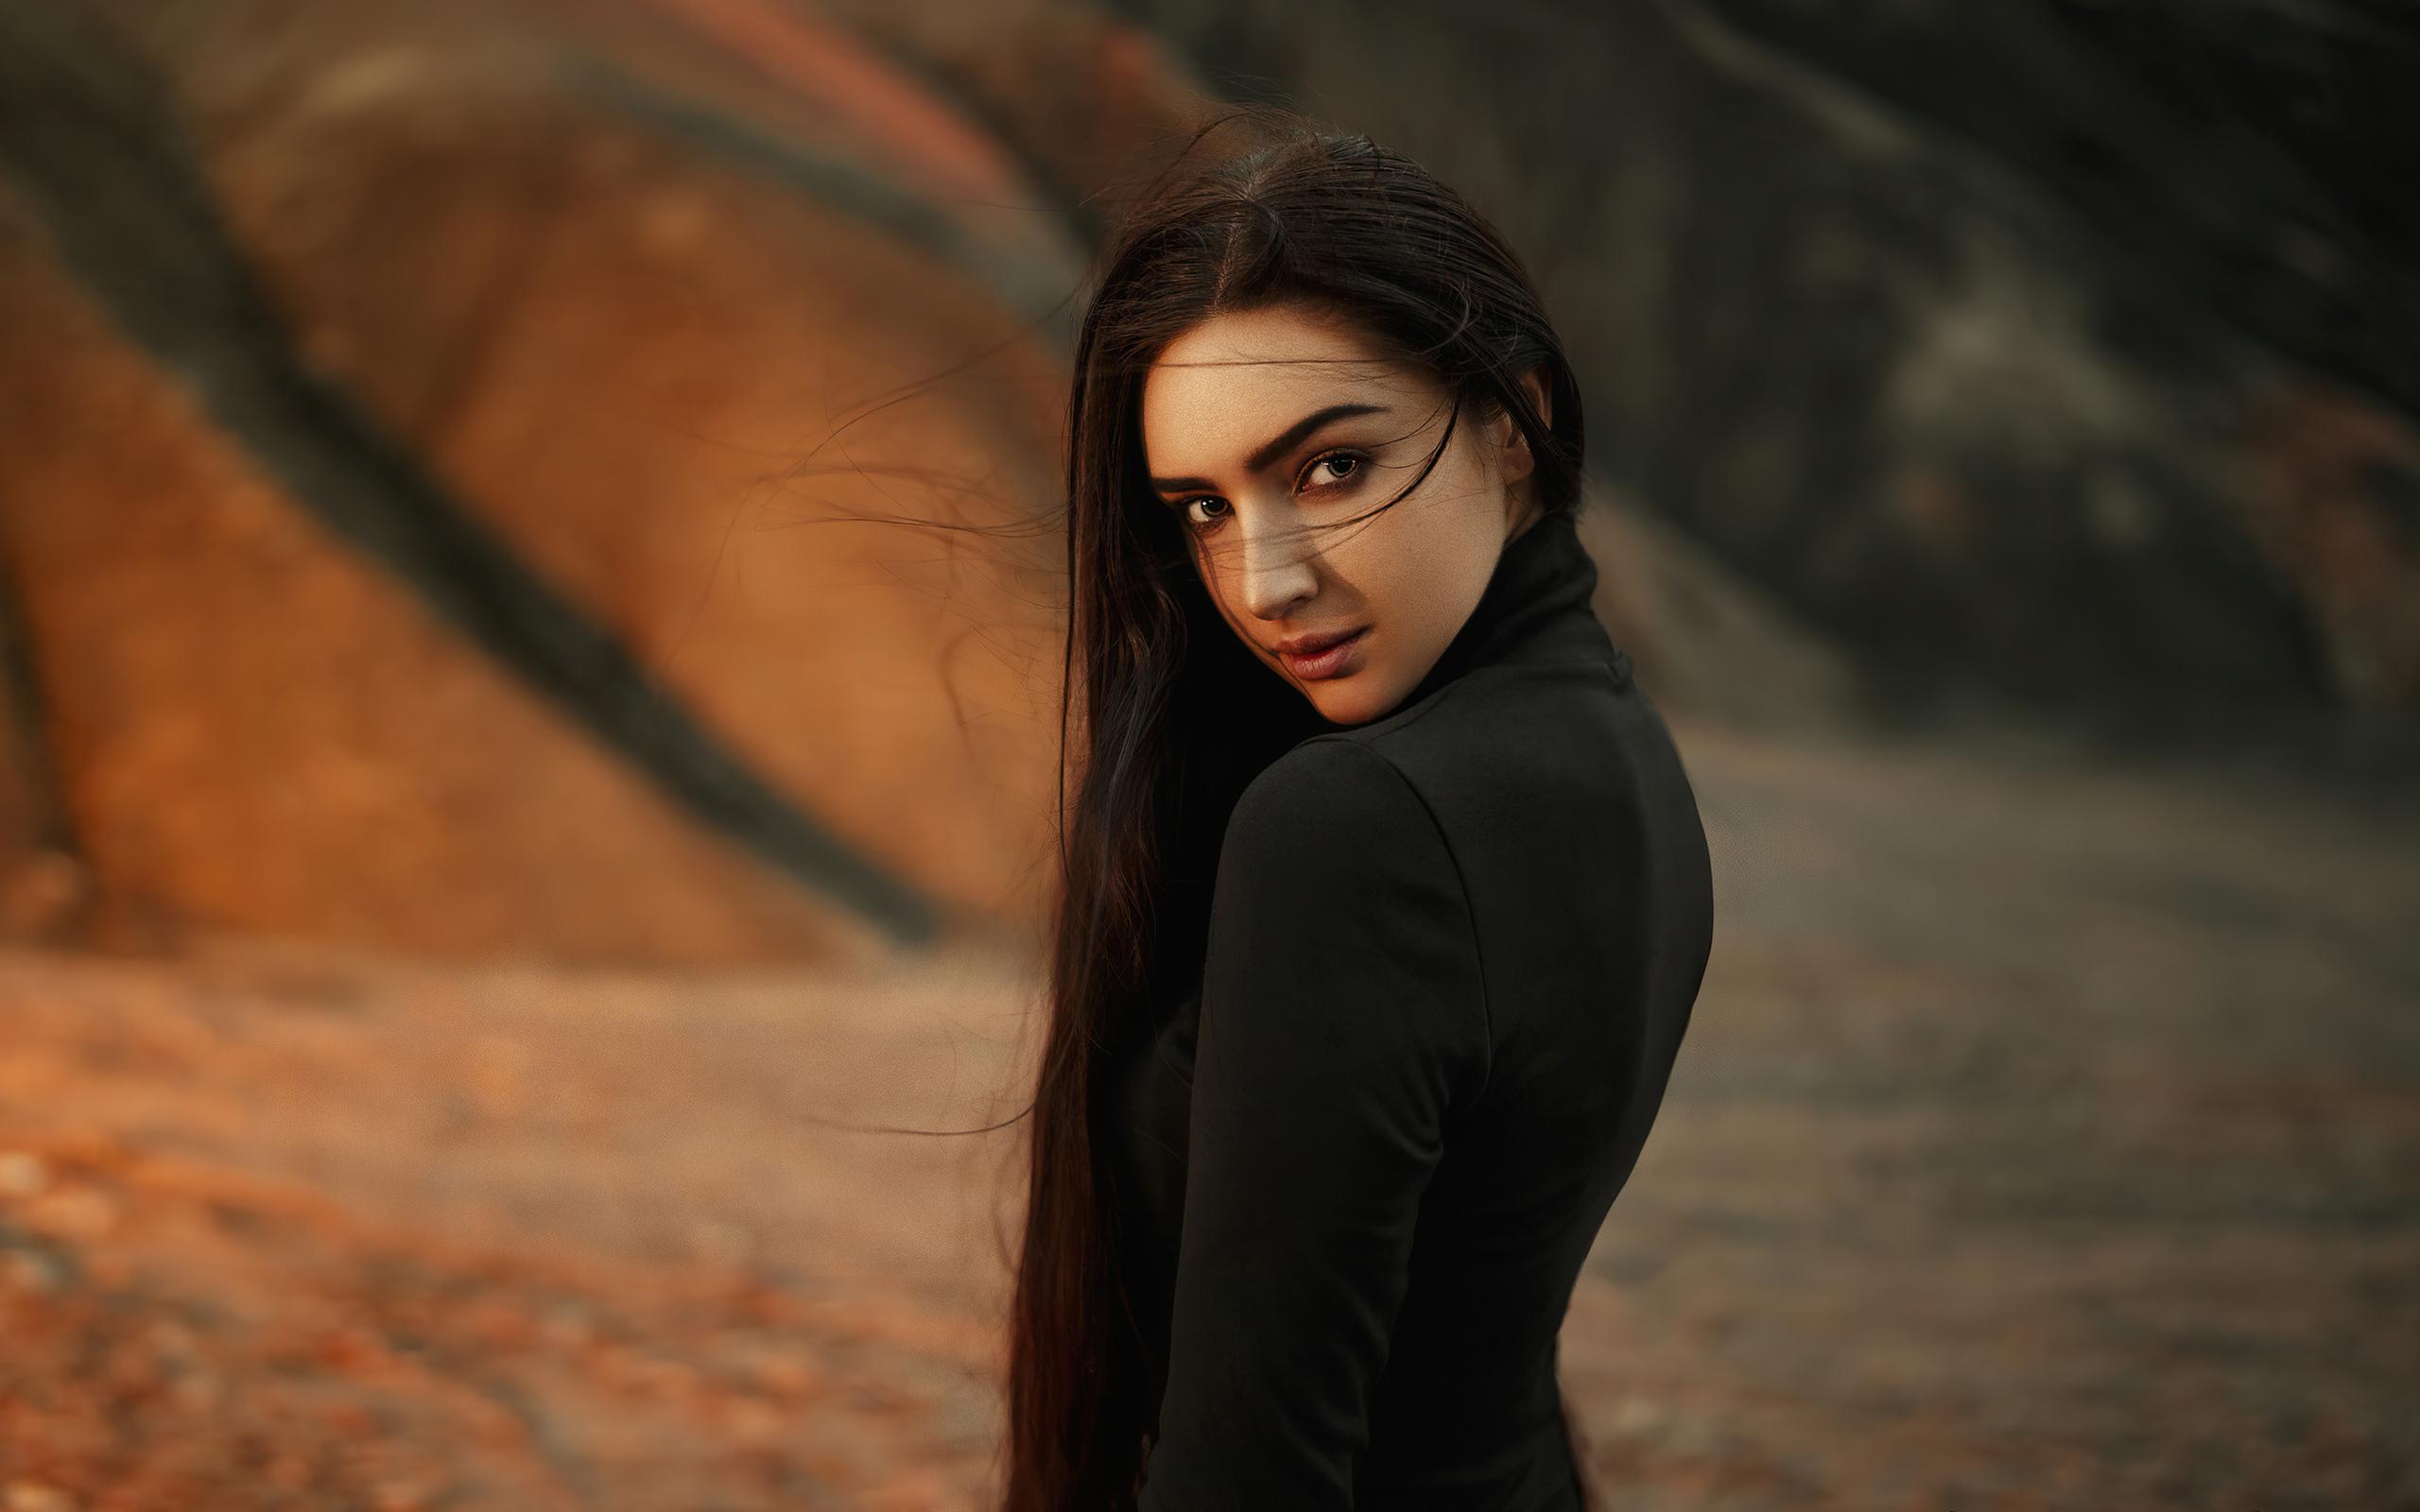 long-hair-black-clothing-girl-smiling-4k-ec.jpg